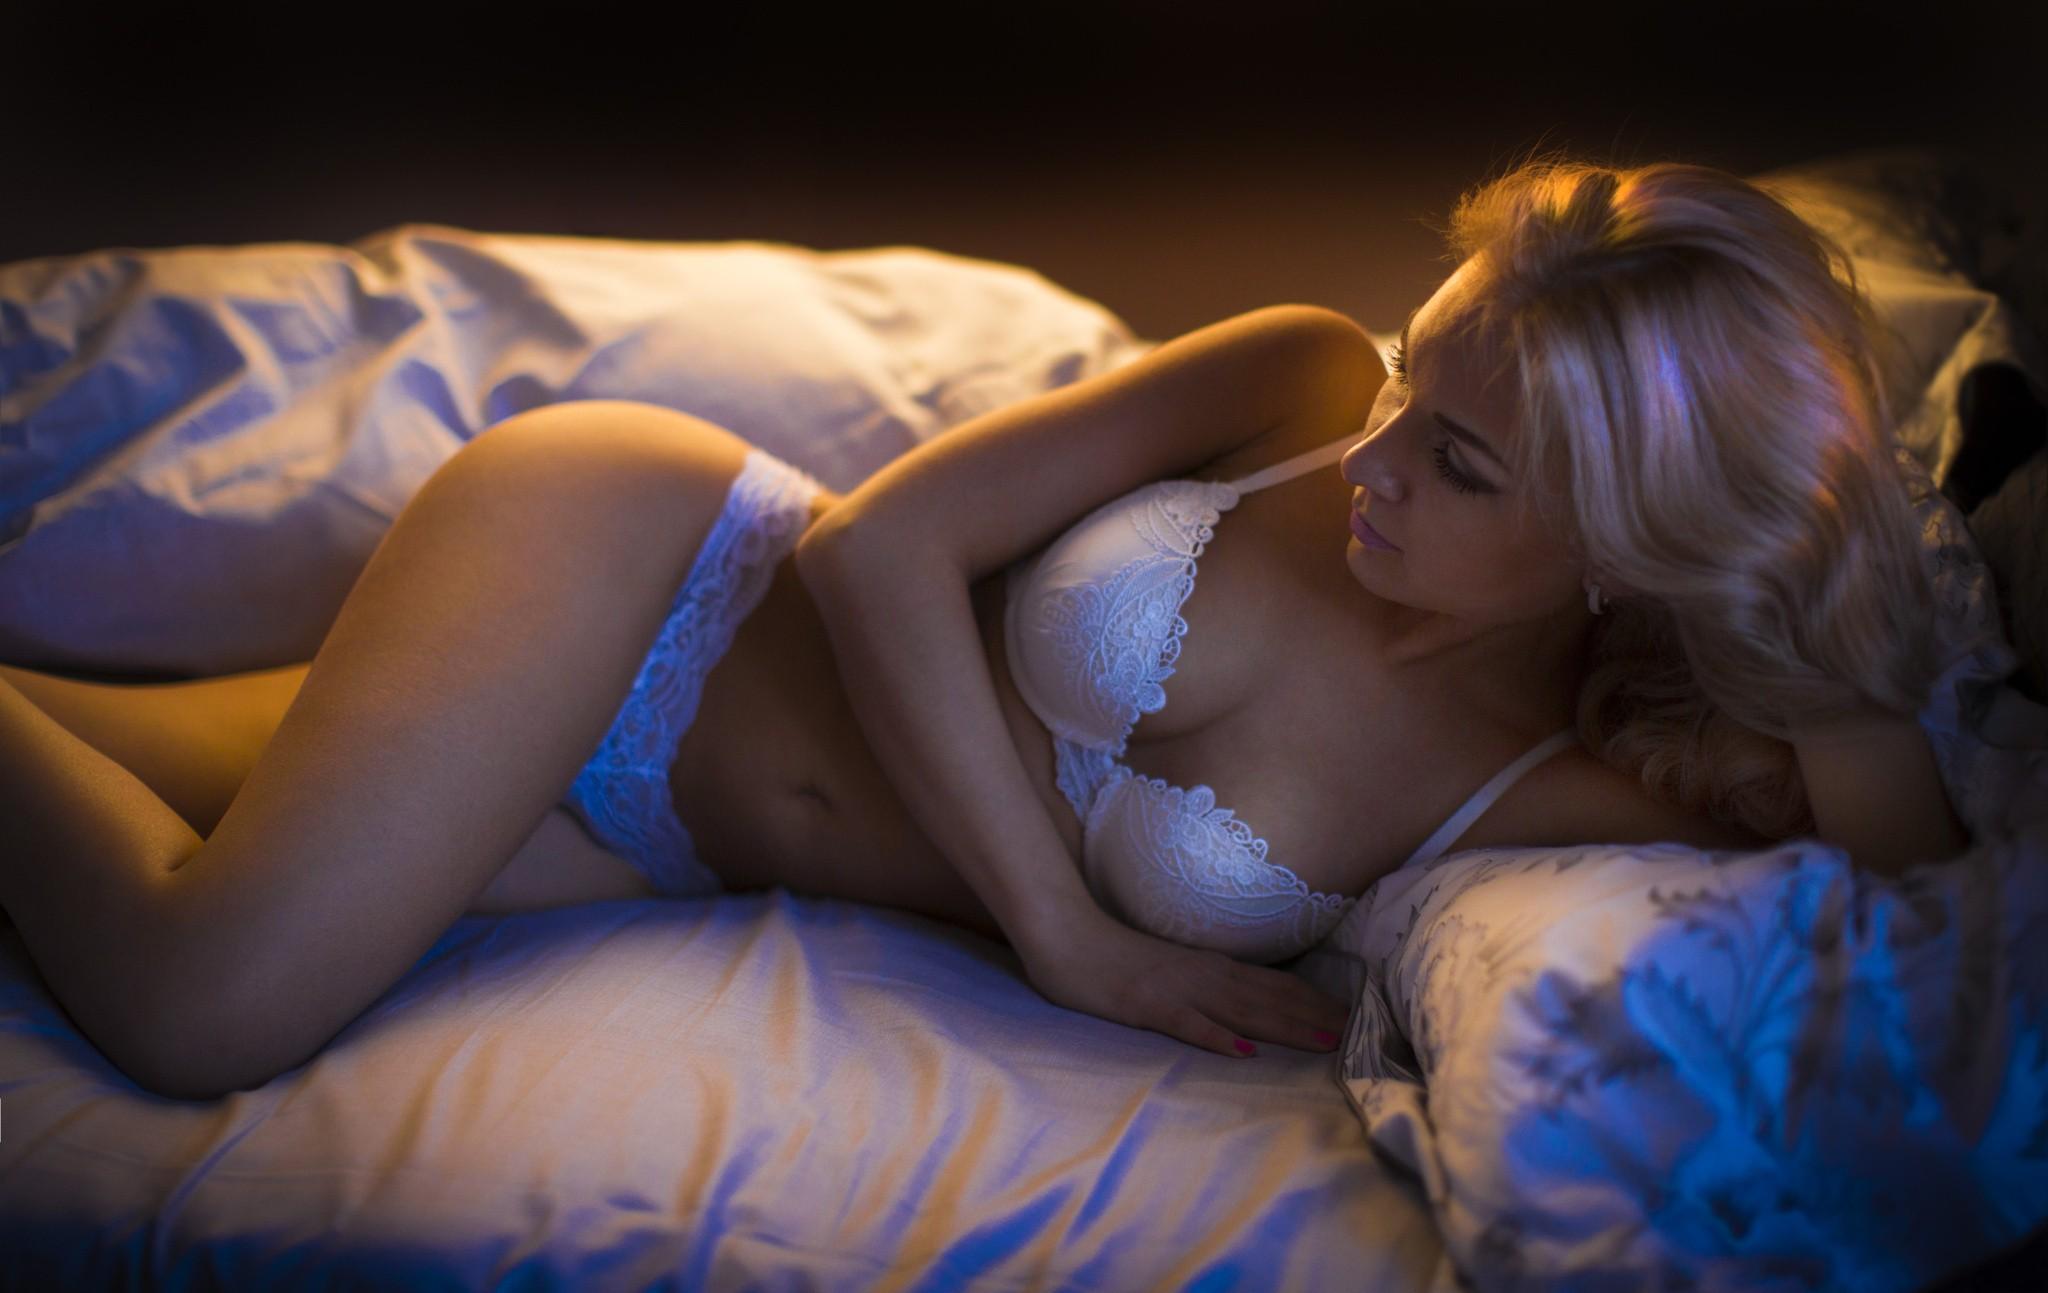 лежал красивые блондинки в нижнем белье в душе на кровати стал трогать